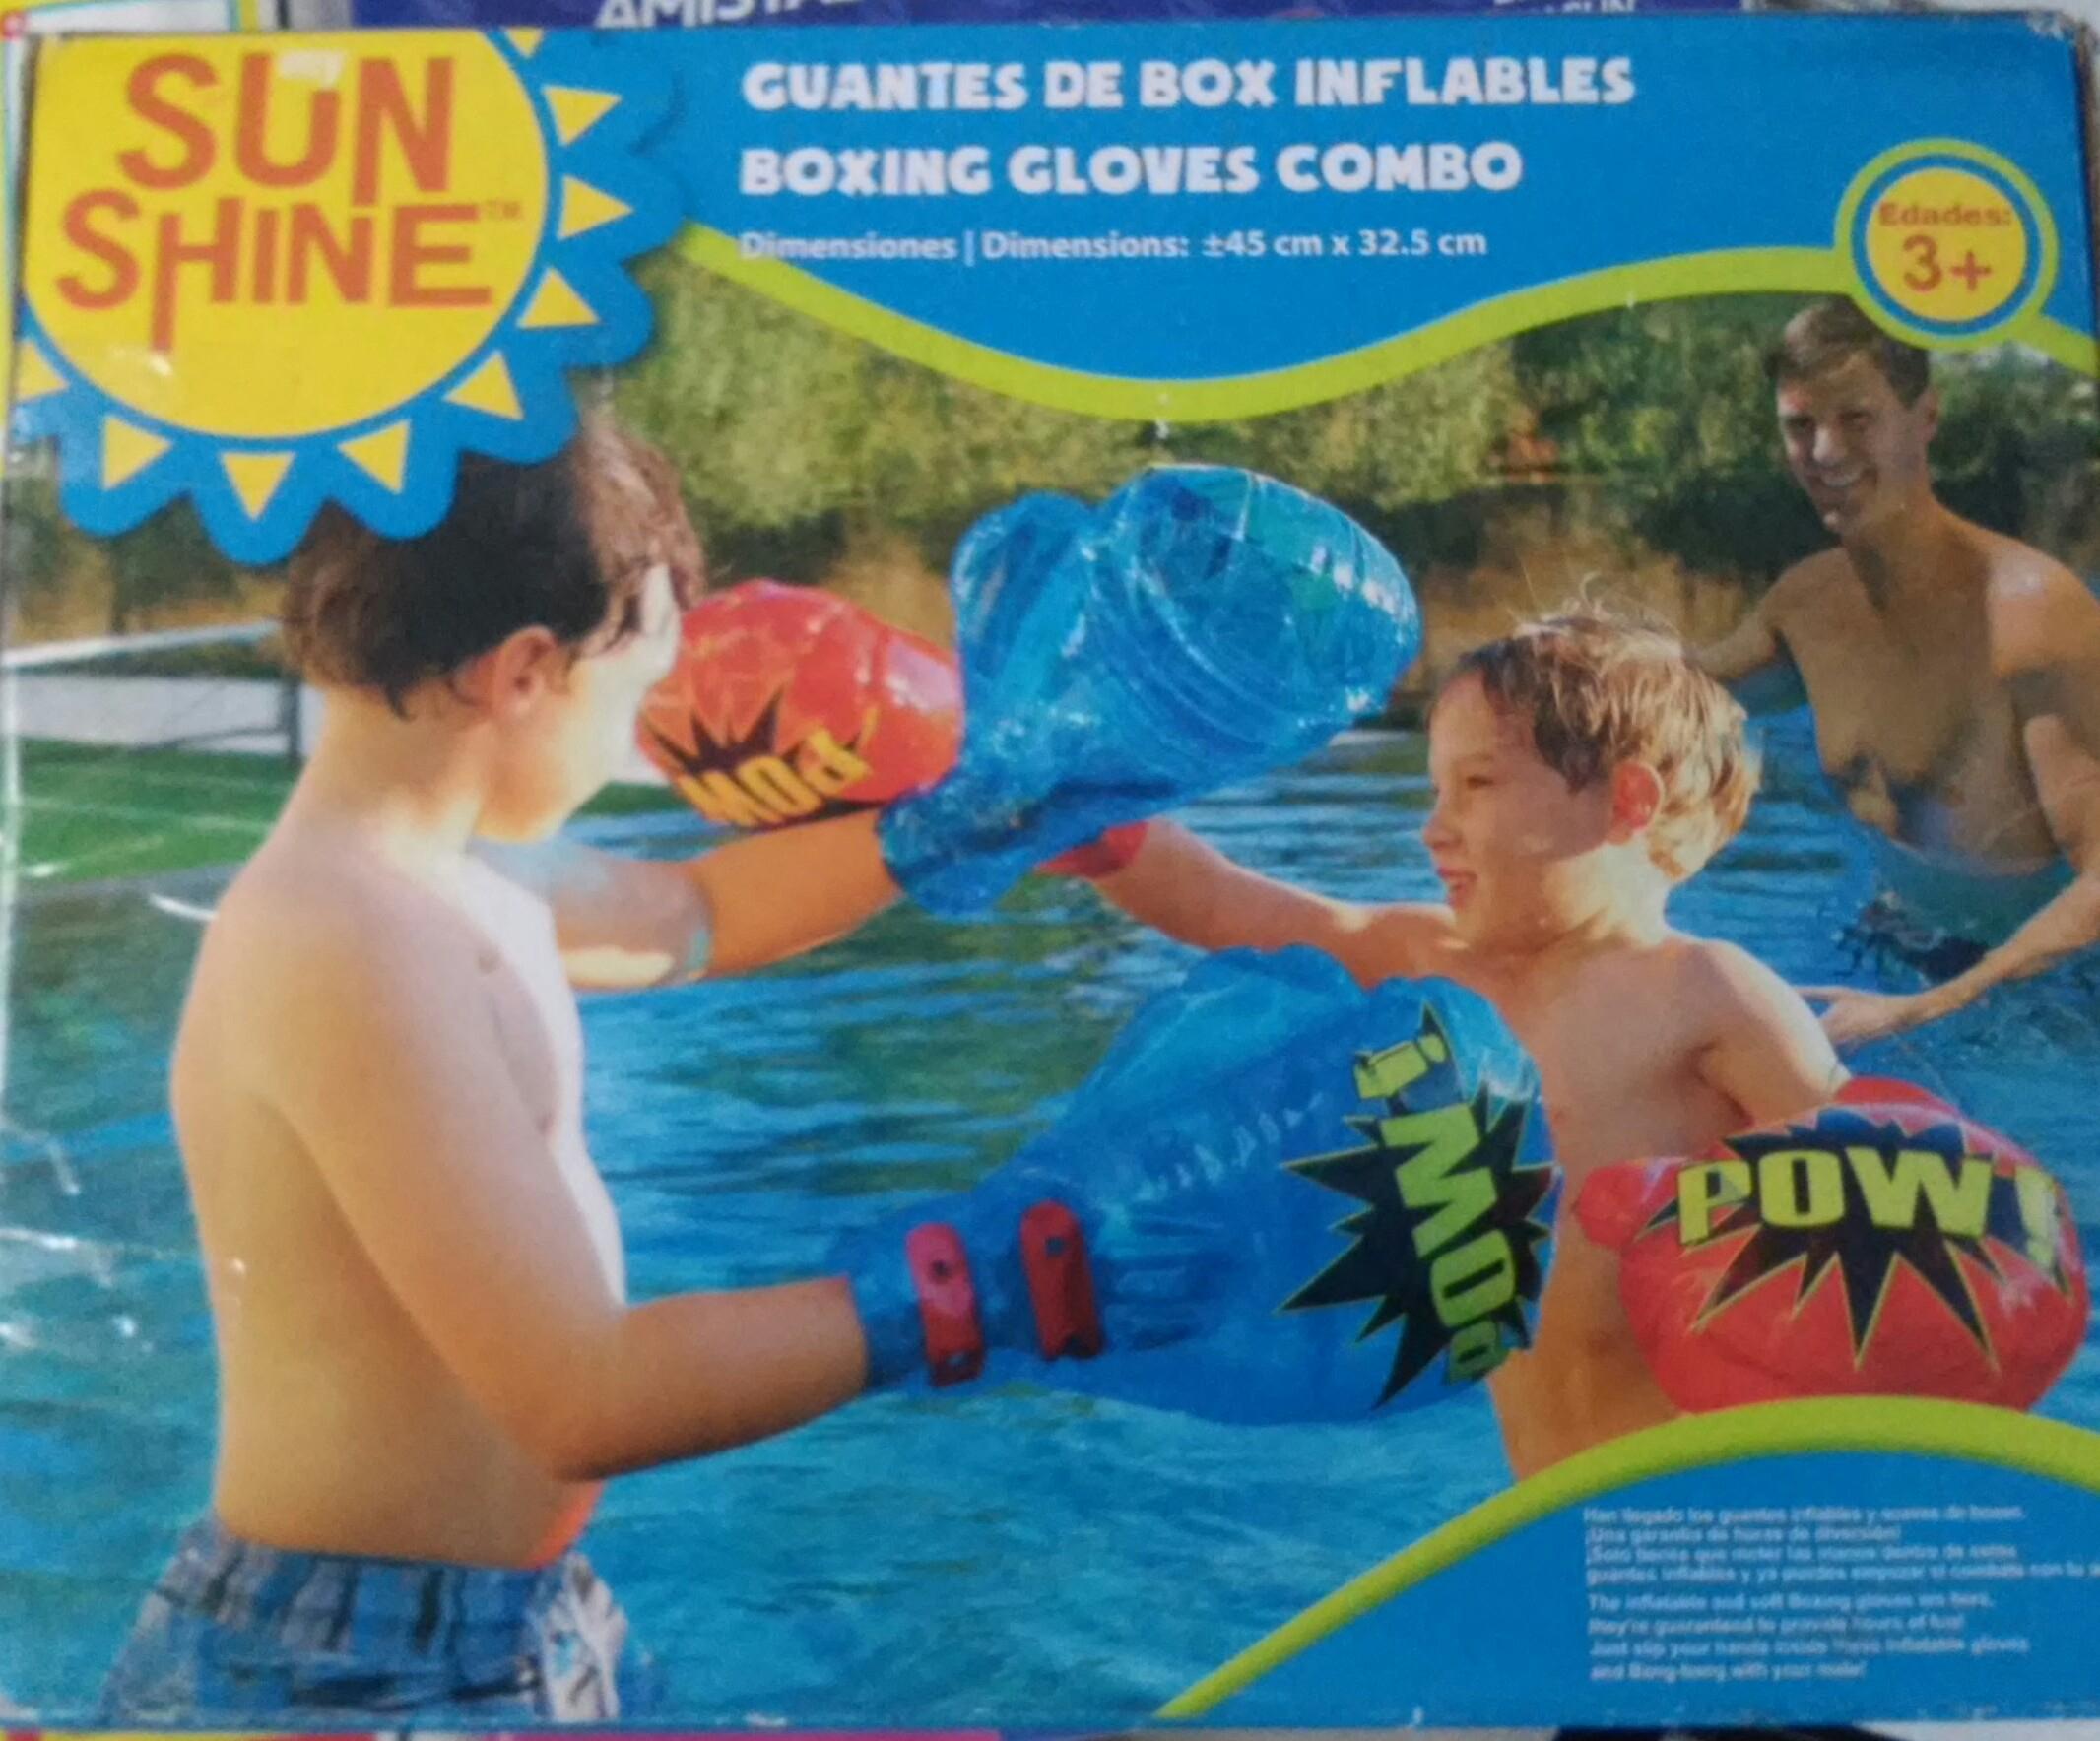 Walmart Cuitlahuac: Ultima liquidacion SunShine Guantes de Box Inflables